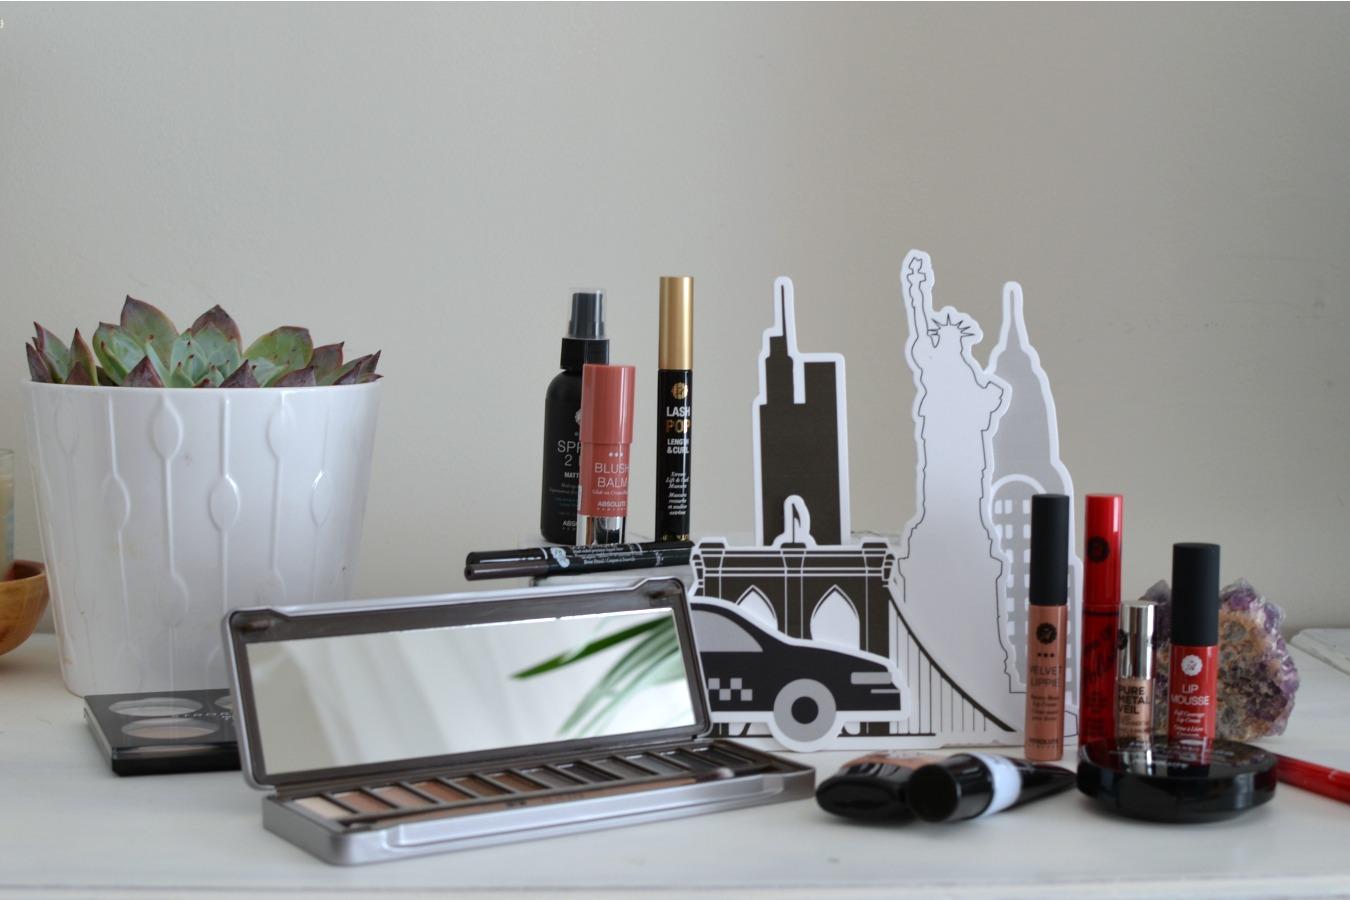 Absolute NY New York la marca de maquillaje acaba de aterrizar en España (y hay muchos productos que son clones de otros como Urban Decay, Missha, Too Faced...)